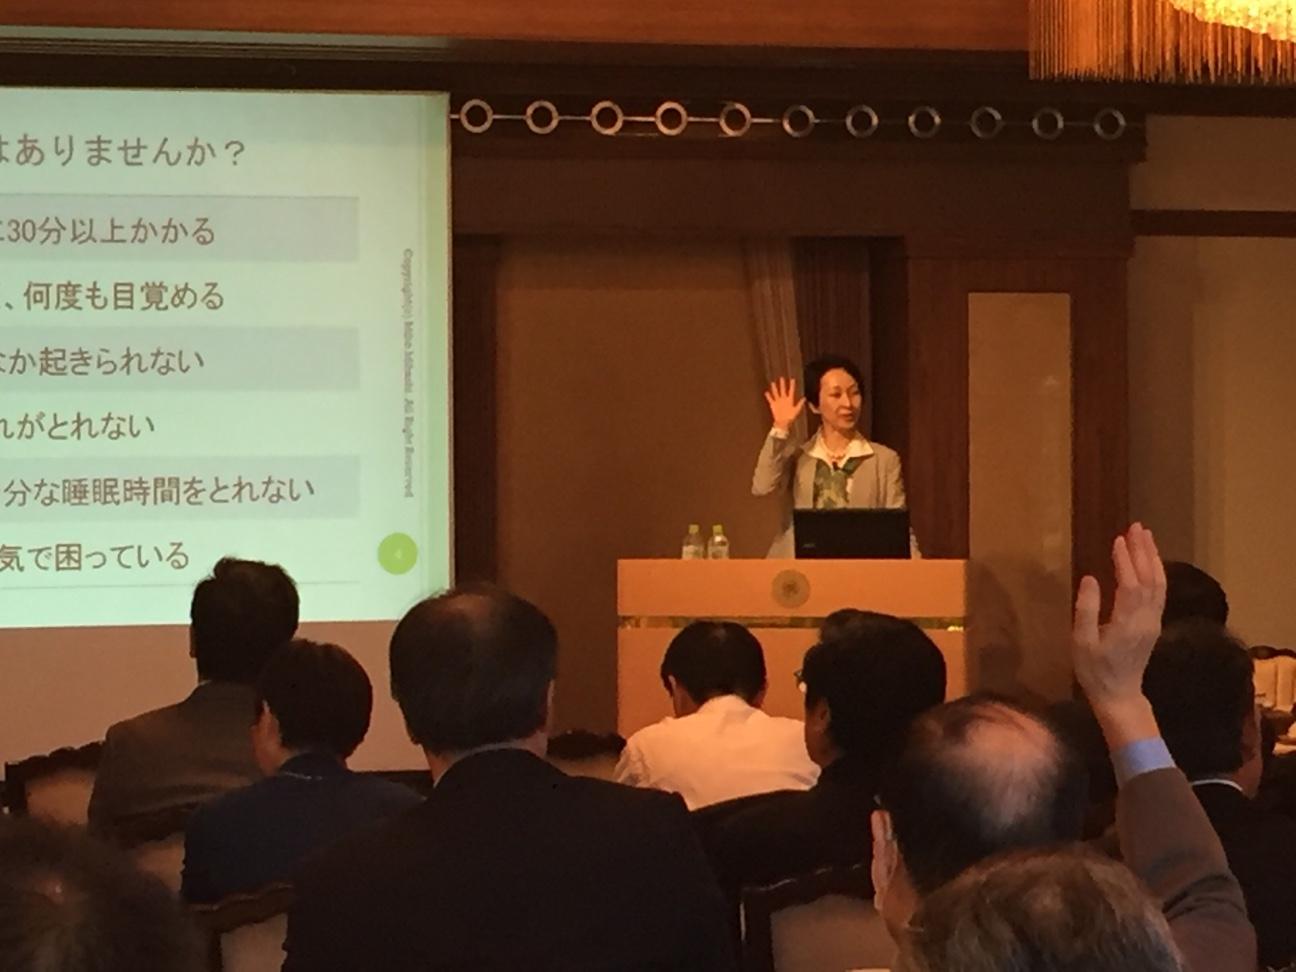 三橋美穂先生の講演を聴いてきました